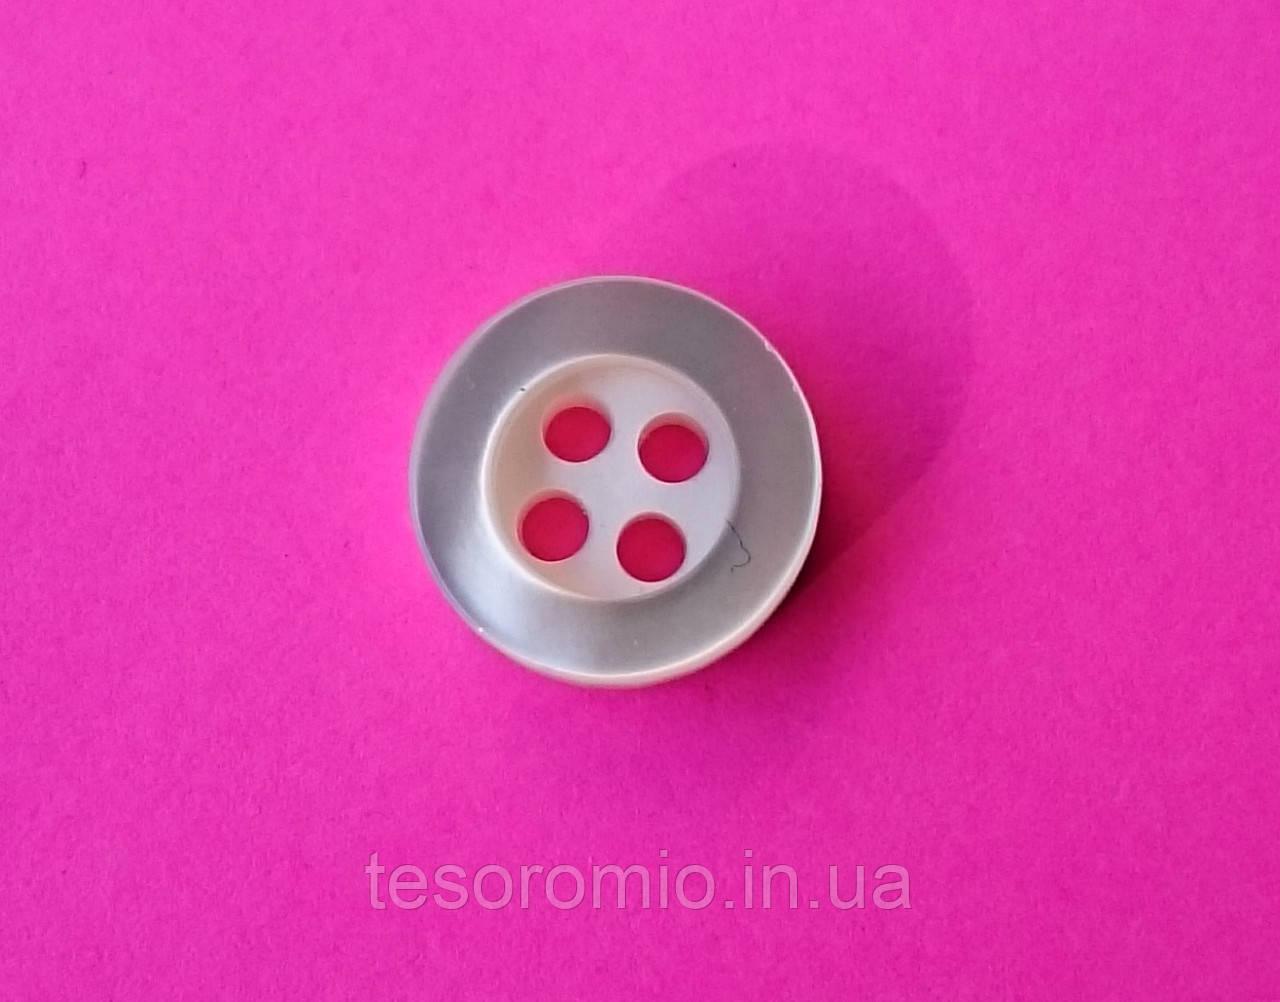 Ґудзик сорочкова перламутрова світло-молочна, діаметр 10 мм